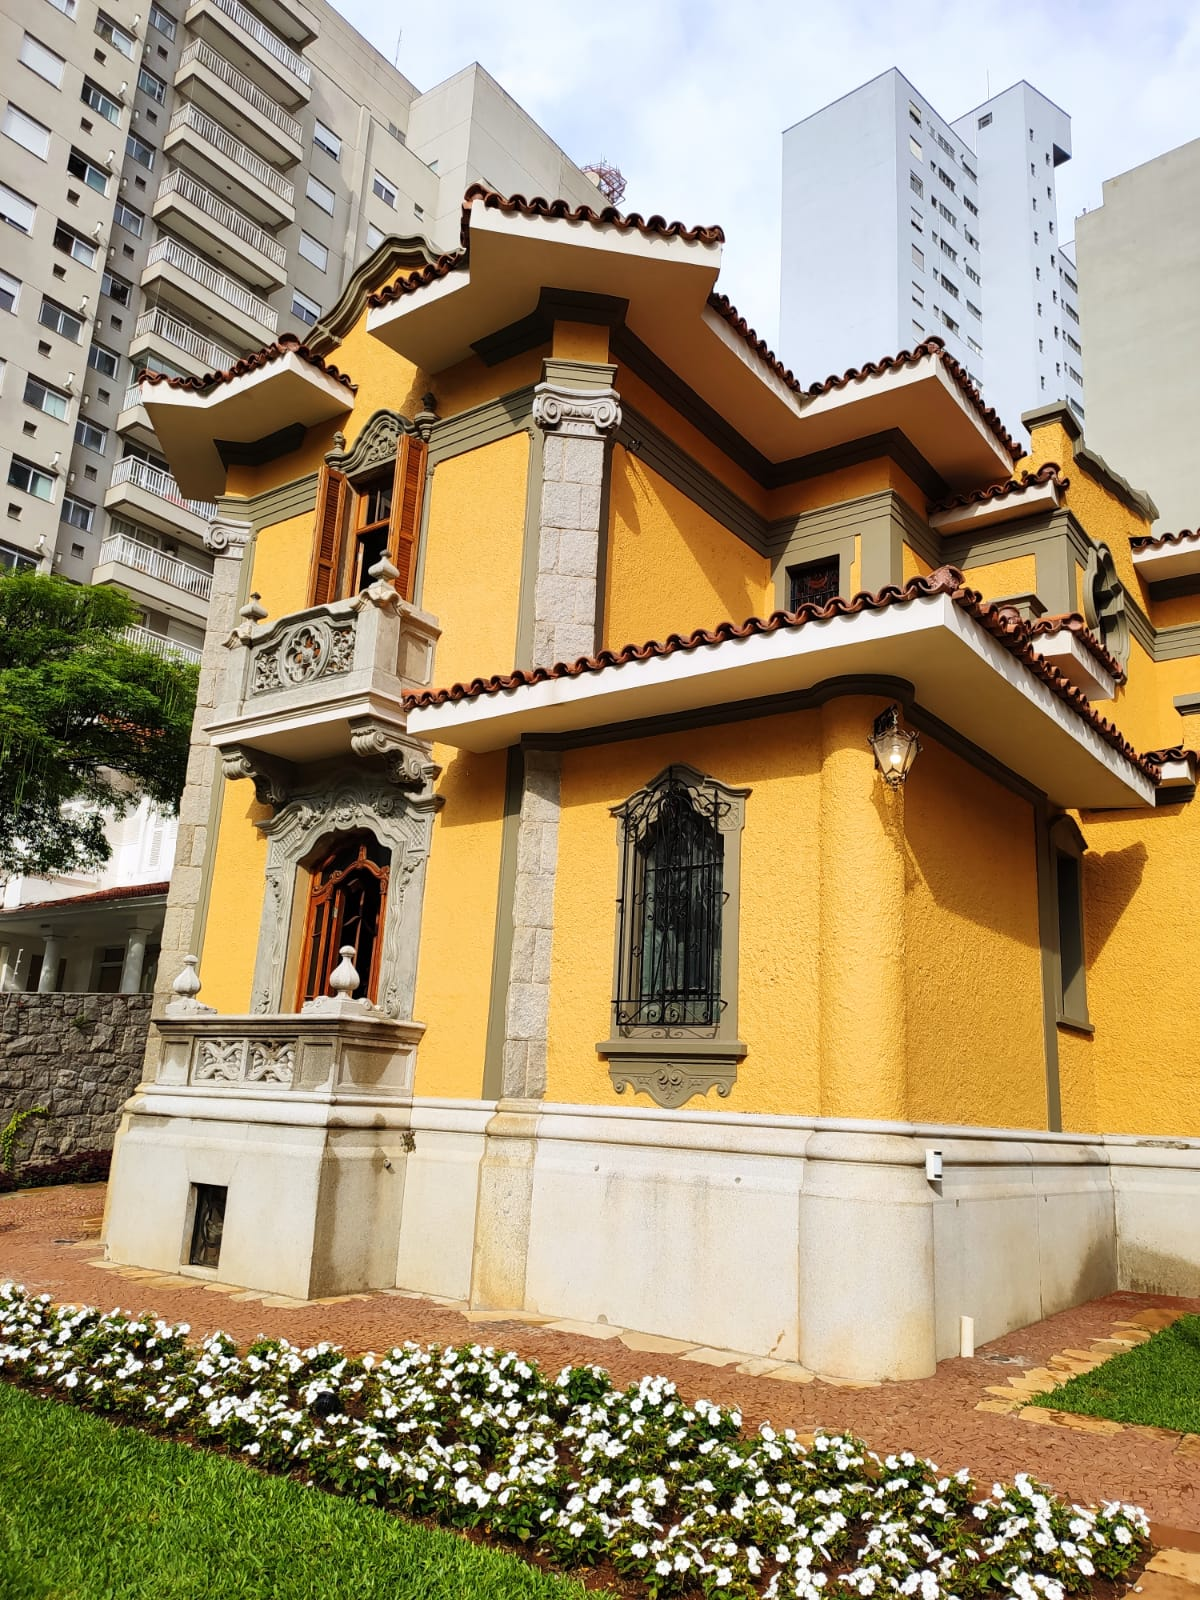 Casa histórica de 1930, a duas quadras da Avenida Paulista, reabre como fundação cultural e hub de design durante a DW! 2021.